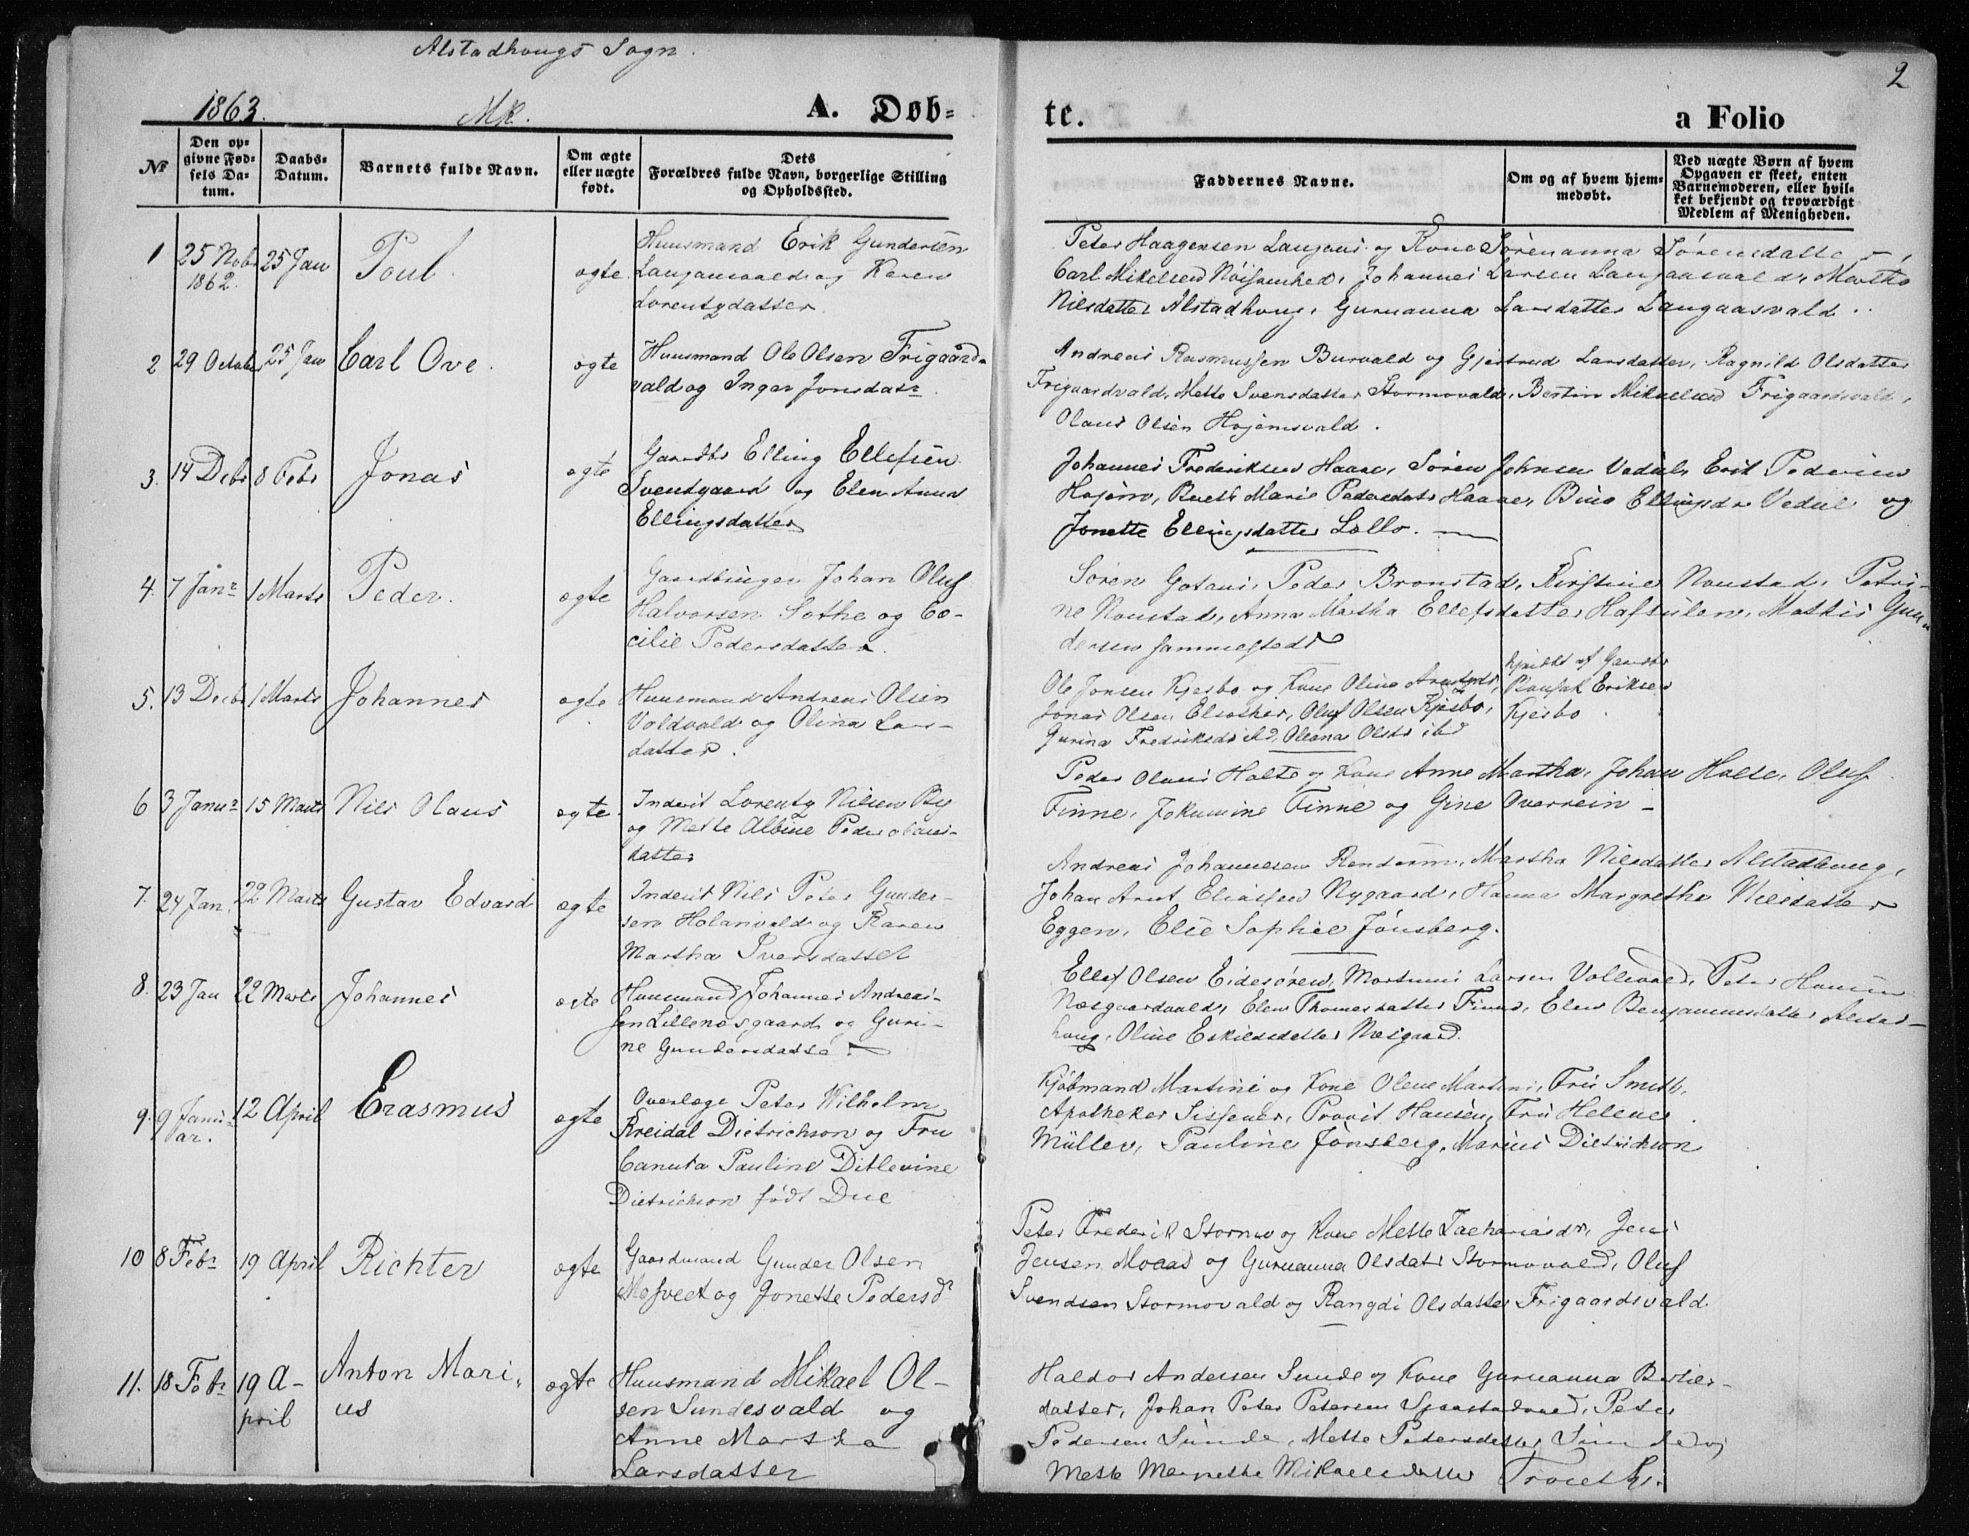 SAT, Ministerialprotokoller, klokkerbøker og fødselsregistre - Nord-Trøndelag, 717/L0157: Ministerialbok nr. 717A08 /1, 1863-1877, s. 2